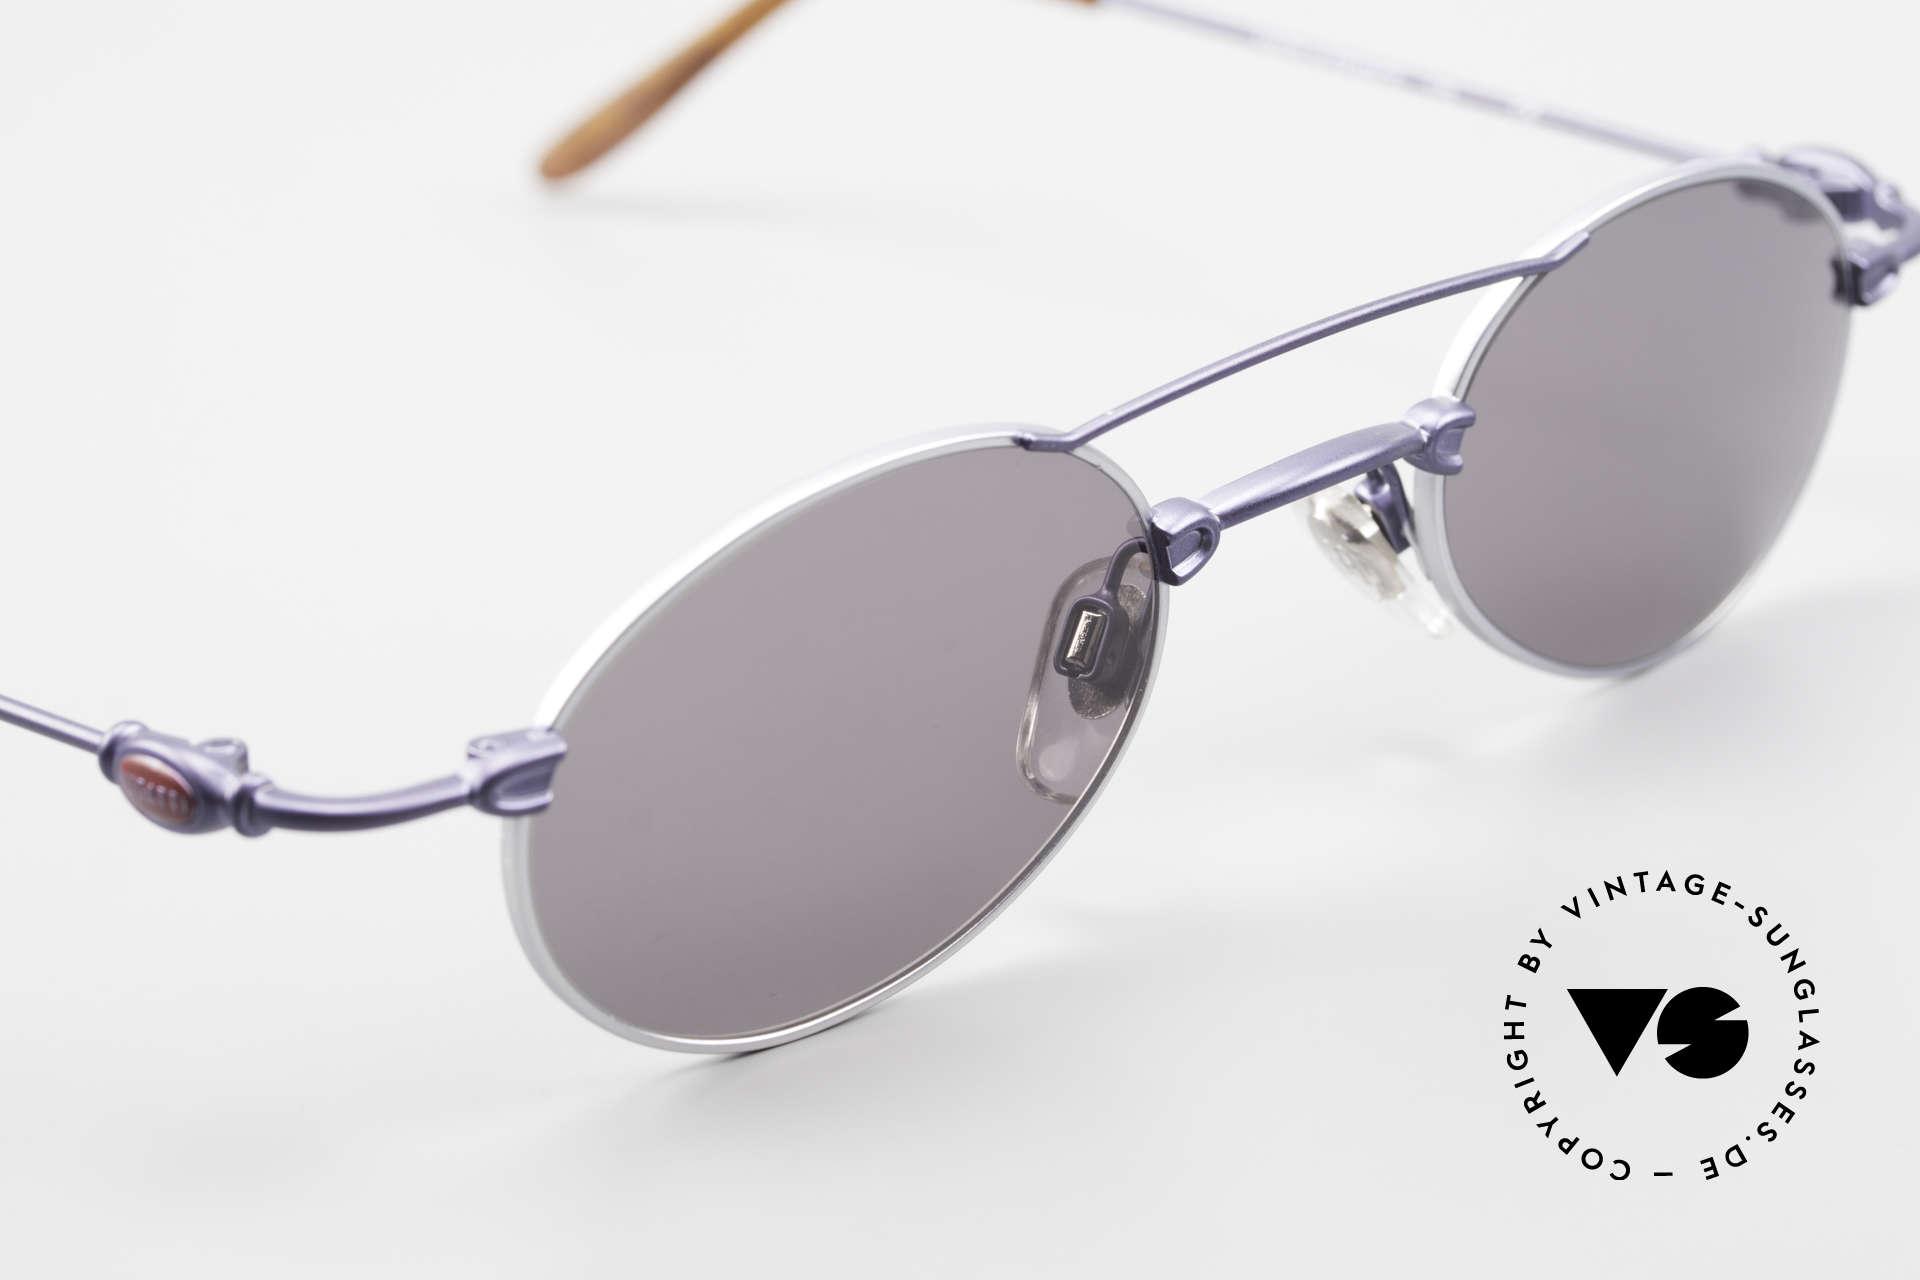 Bugatti 10864 Ovale Luxus Sonnenbrille Men, KEINE Retrobrille; ein ORIGINAL aus den späten 90ern!, Passend für Herren